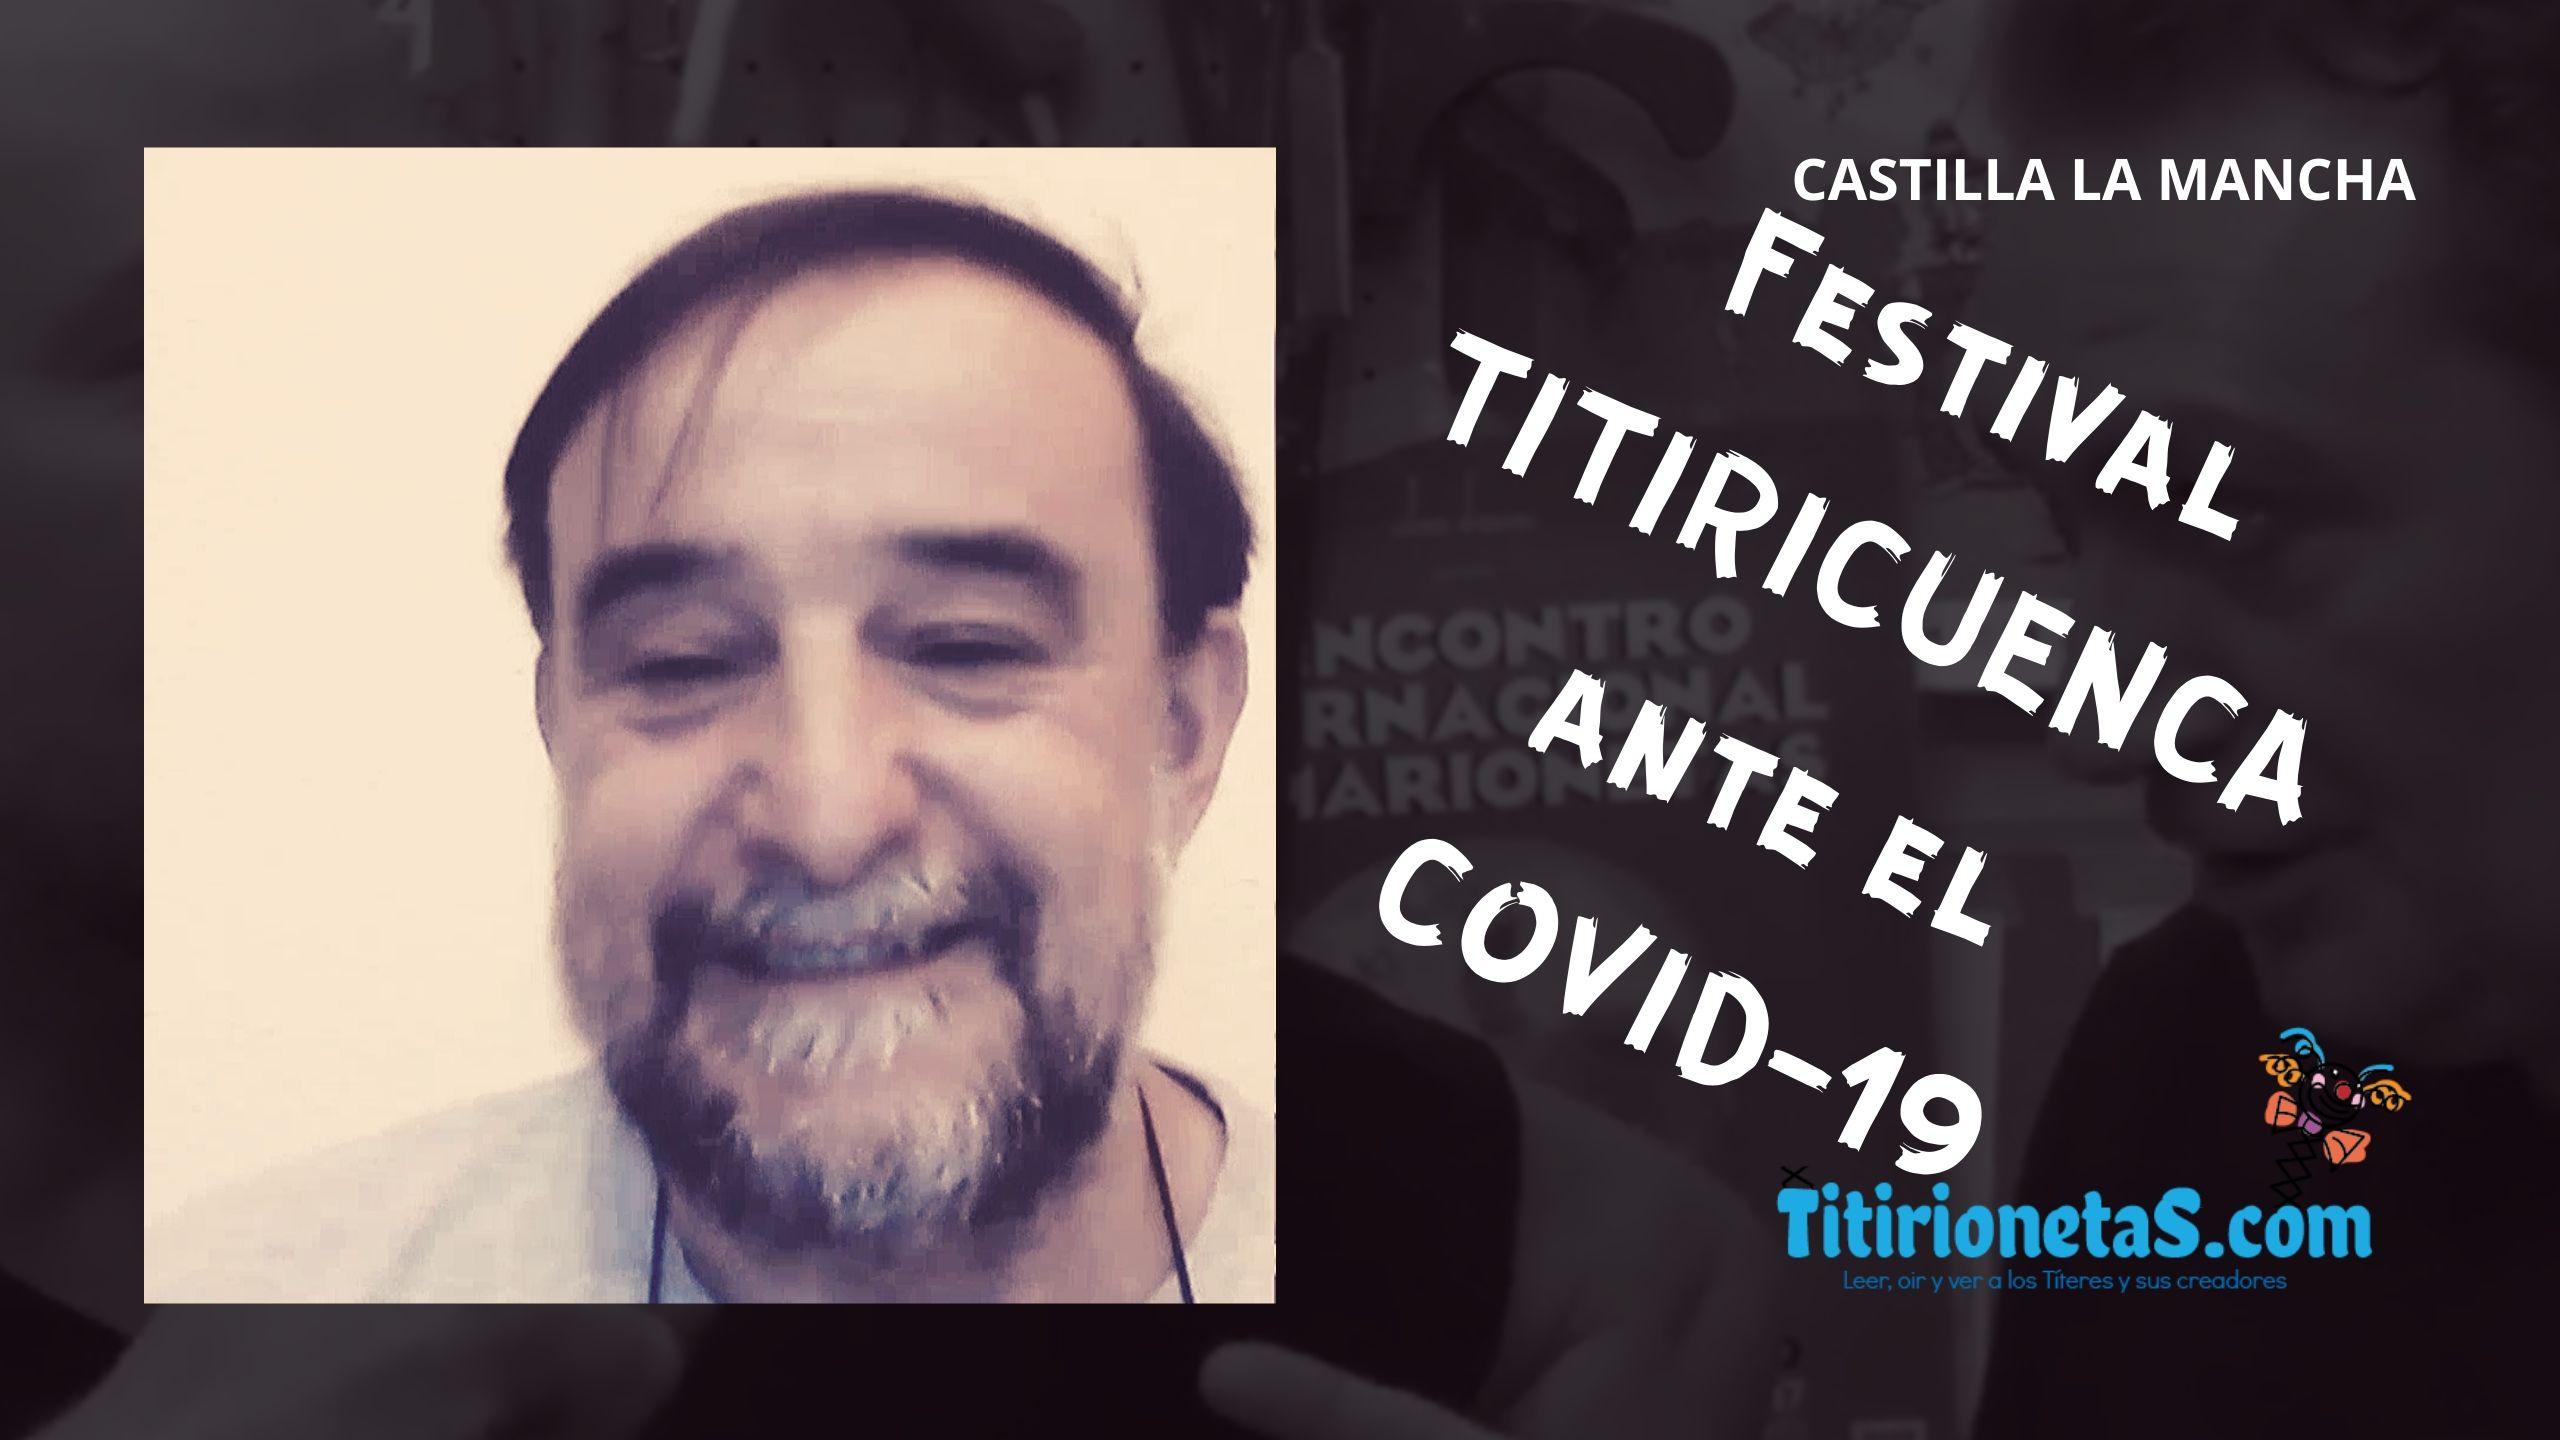 Festival TITIRICUENCA. Ángel Suárez-Castilla La Mancha ante el COVID-19